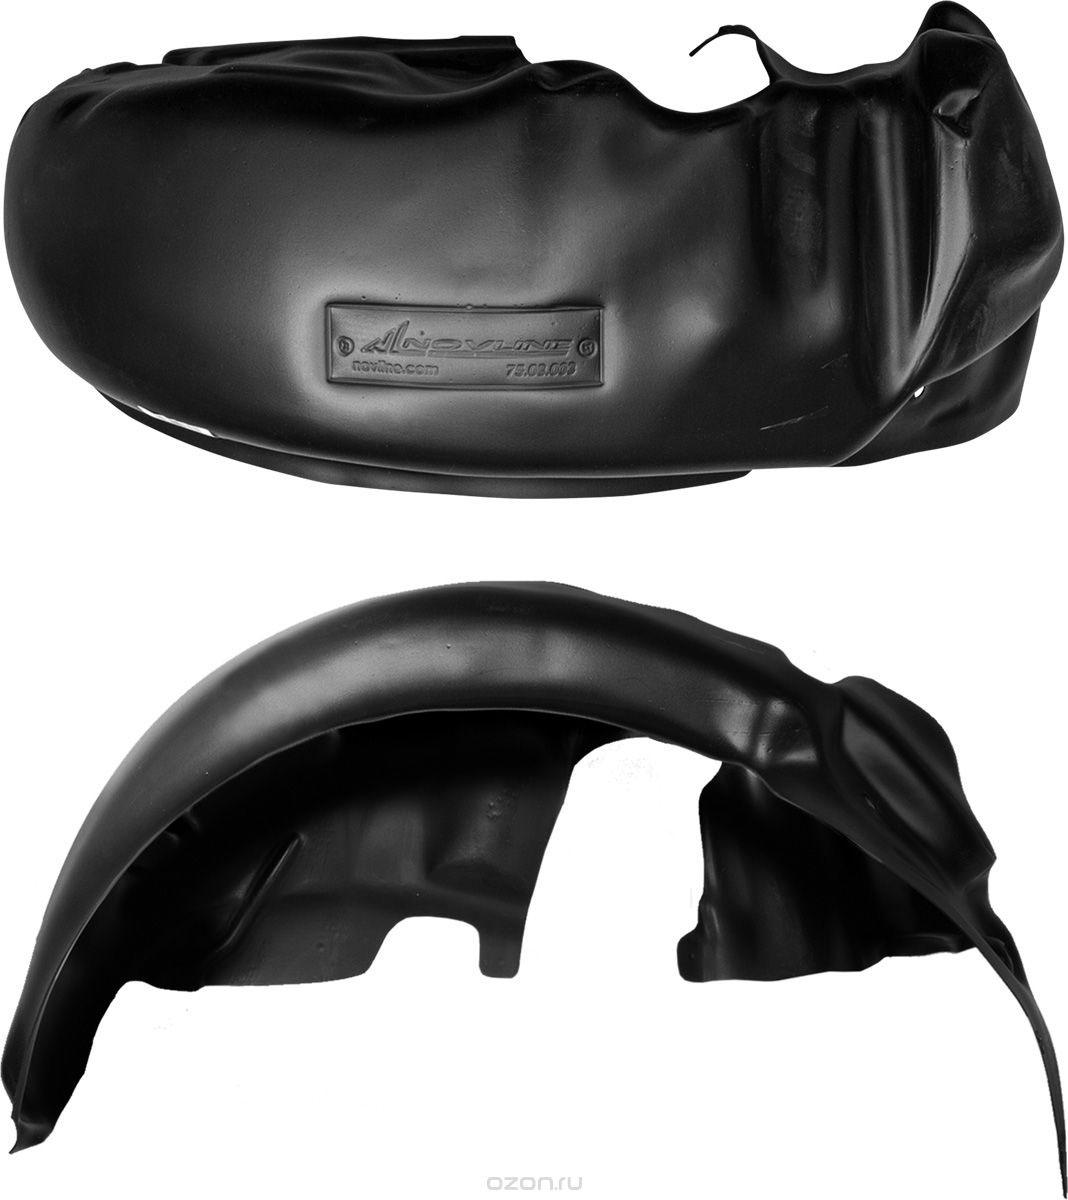 Подкрылок Novline-Autofamily, для FORD Fiesta, 2015-> сед./хб., передний правый44701003Идеальная защита колесной ниши. Локеры разработаны с применением цифровых технологий, гарантируют максимальную повторяемость поверхности арки. Изделия устанавливаются без нарушения лакокрасочного покрытия автомобиля, каждый подкрылок комплектуется крепежом. Уважаемые клиенты, обращаем ваше внимание, что фотографии на подкрылки универсальные и не отражают реальную форму изделия. При этом само изделие идет точно под размер указанного автомобиля.